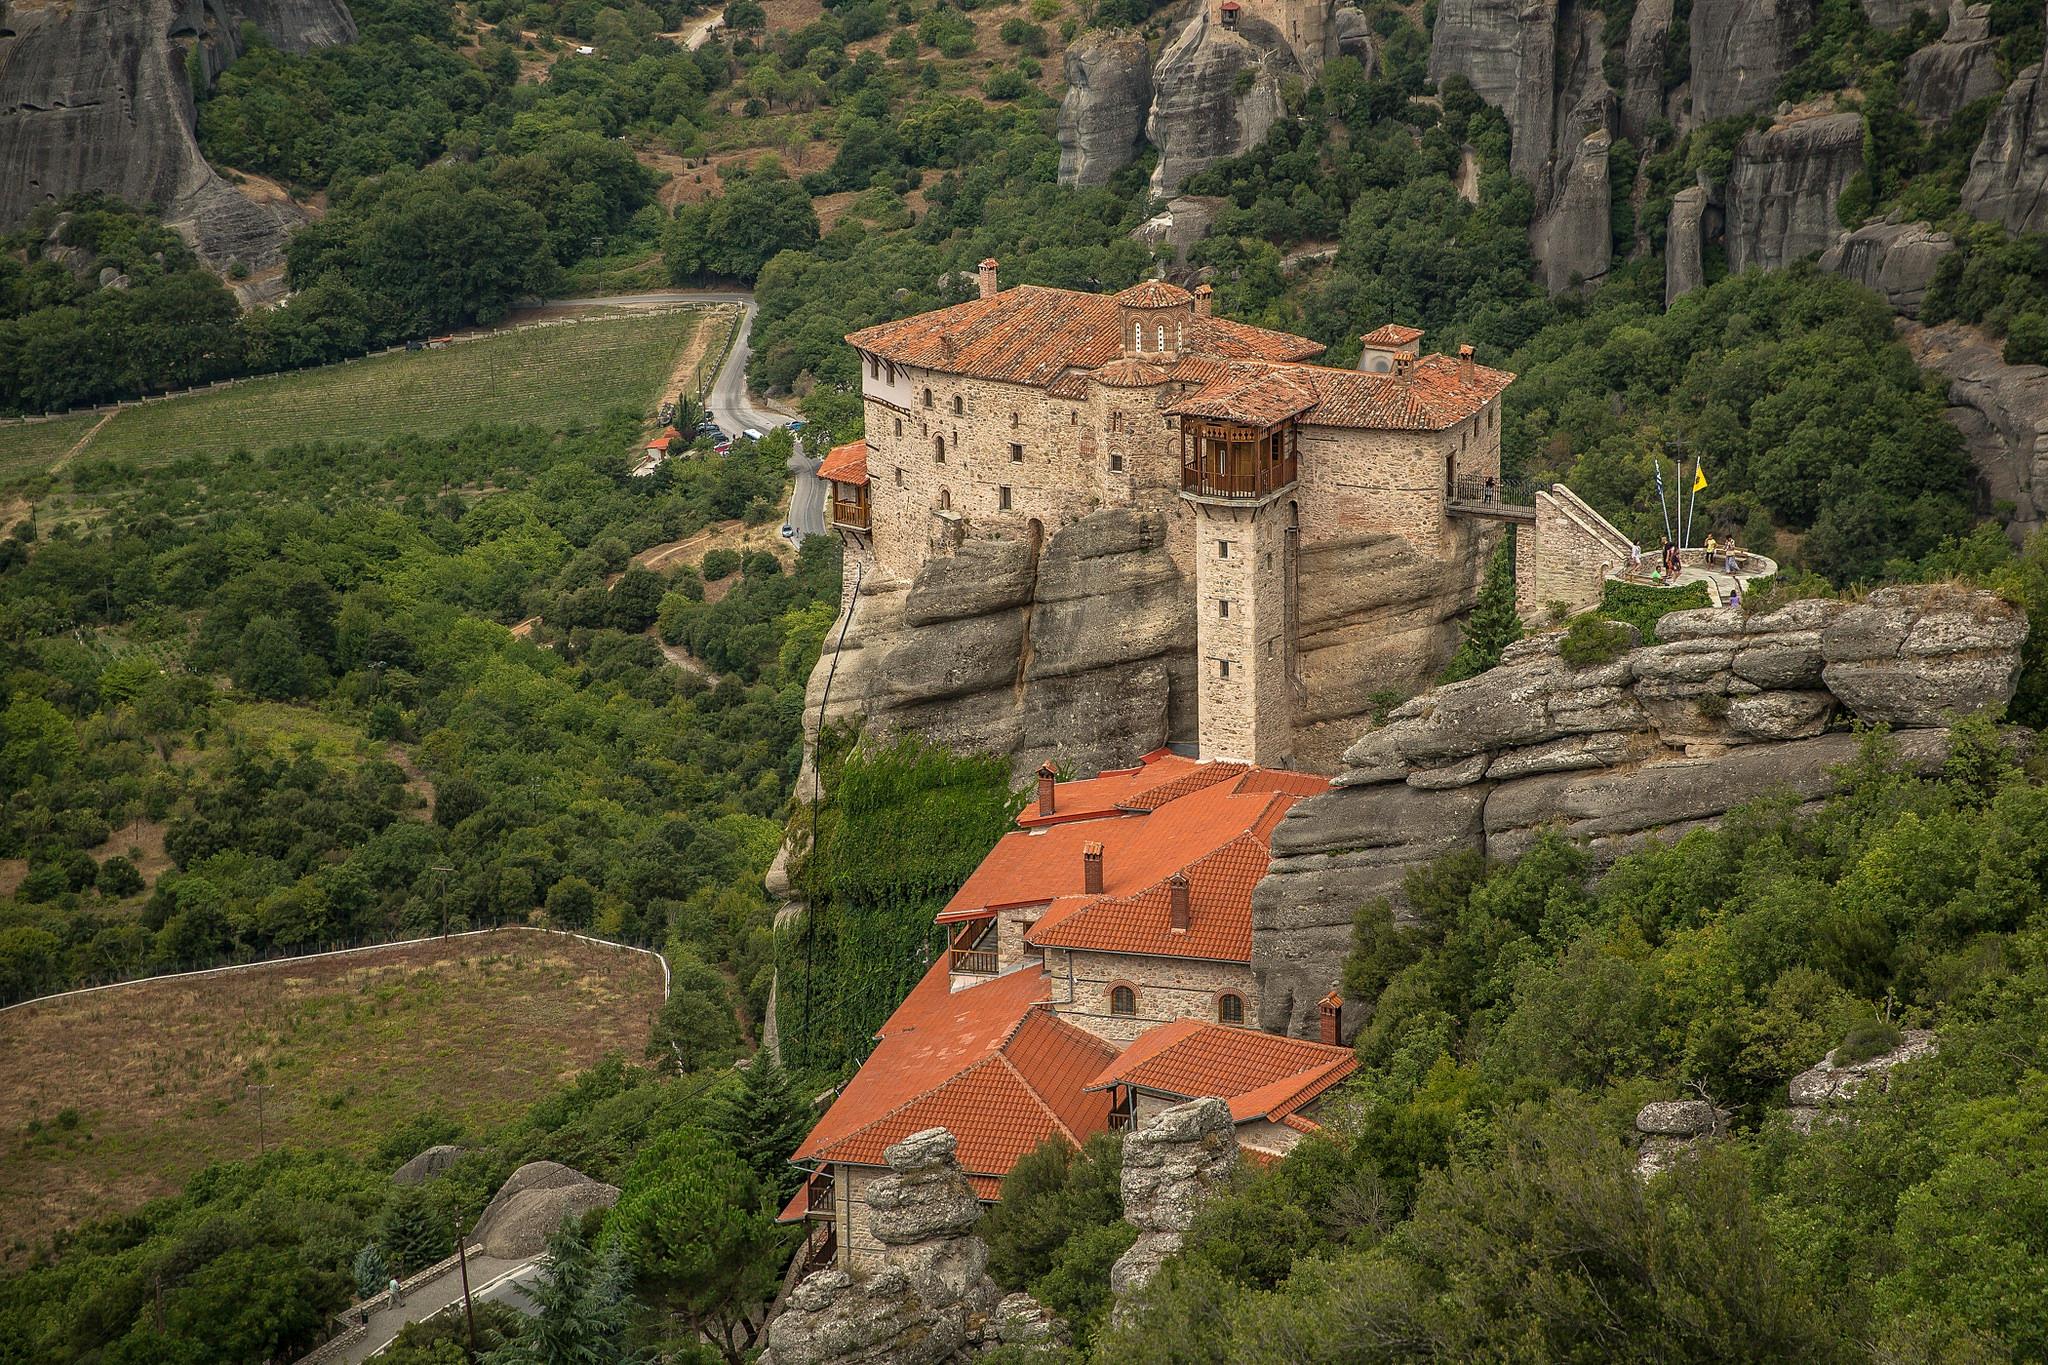 обои The Monastery of RousanouSt Barbara, Meteora, Greece картинки фото